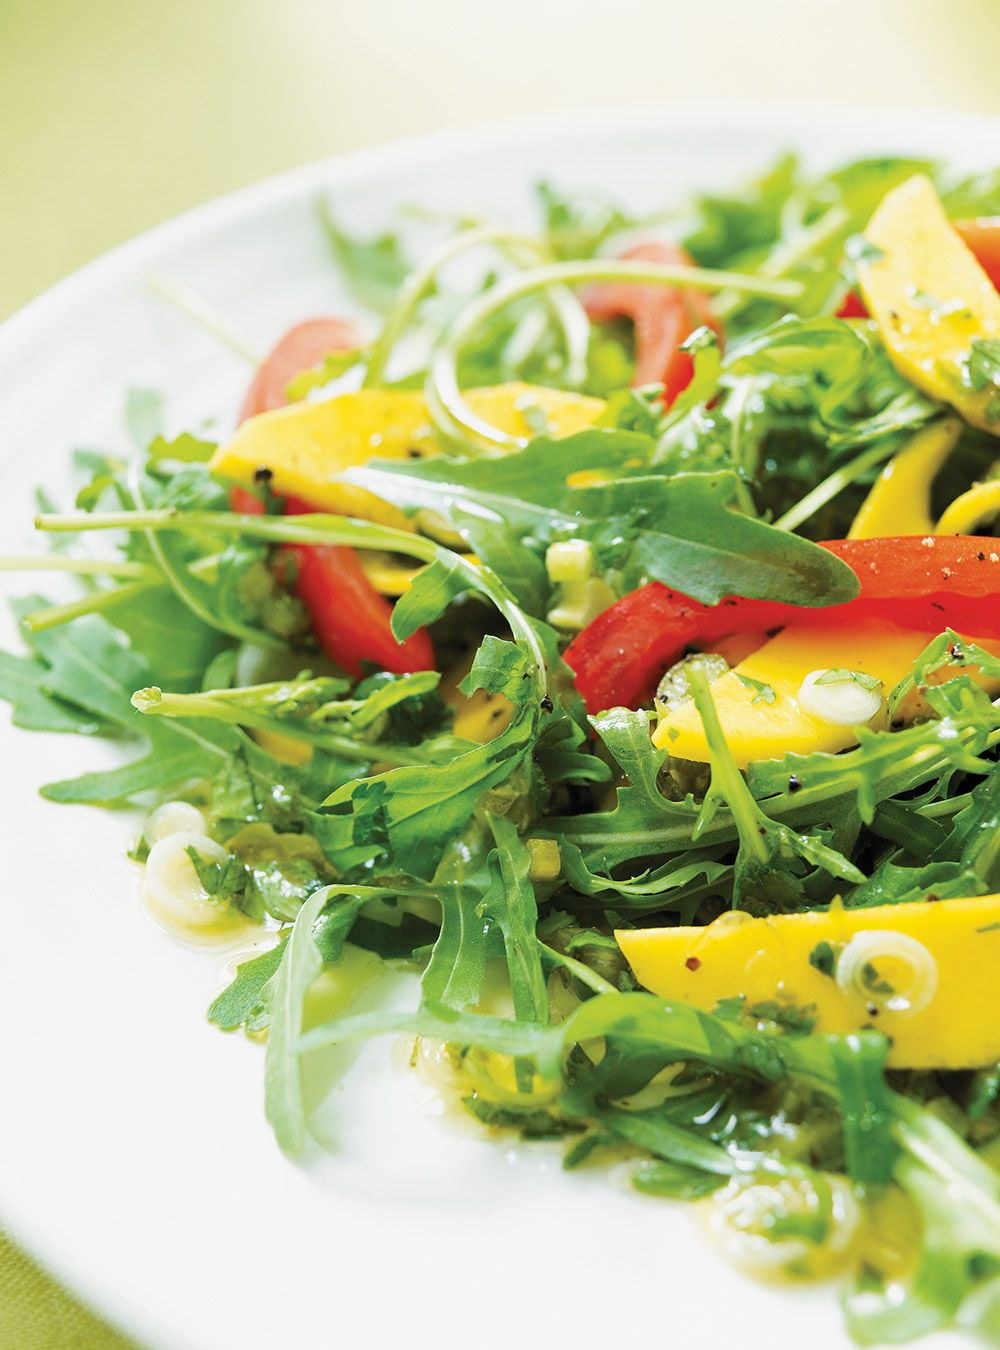 Салат для всех На странице имеются рекомендации, похожие рецепты, кулинарные советы, комментарии пользователей, пошаговые фотографии этапов, подсказки